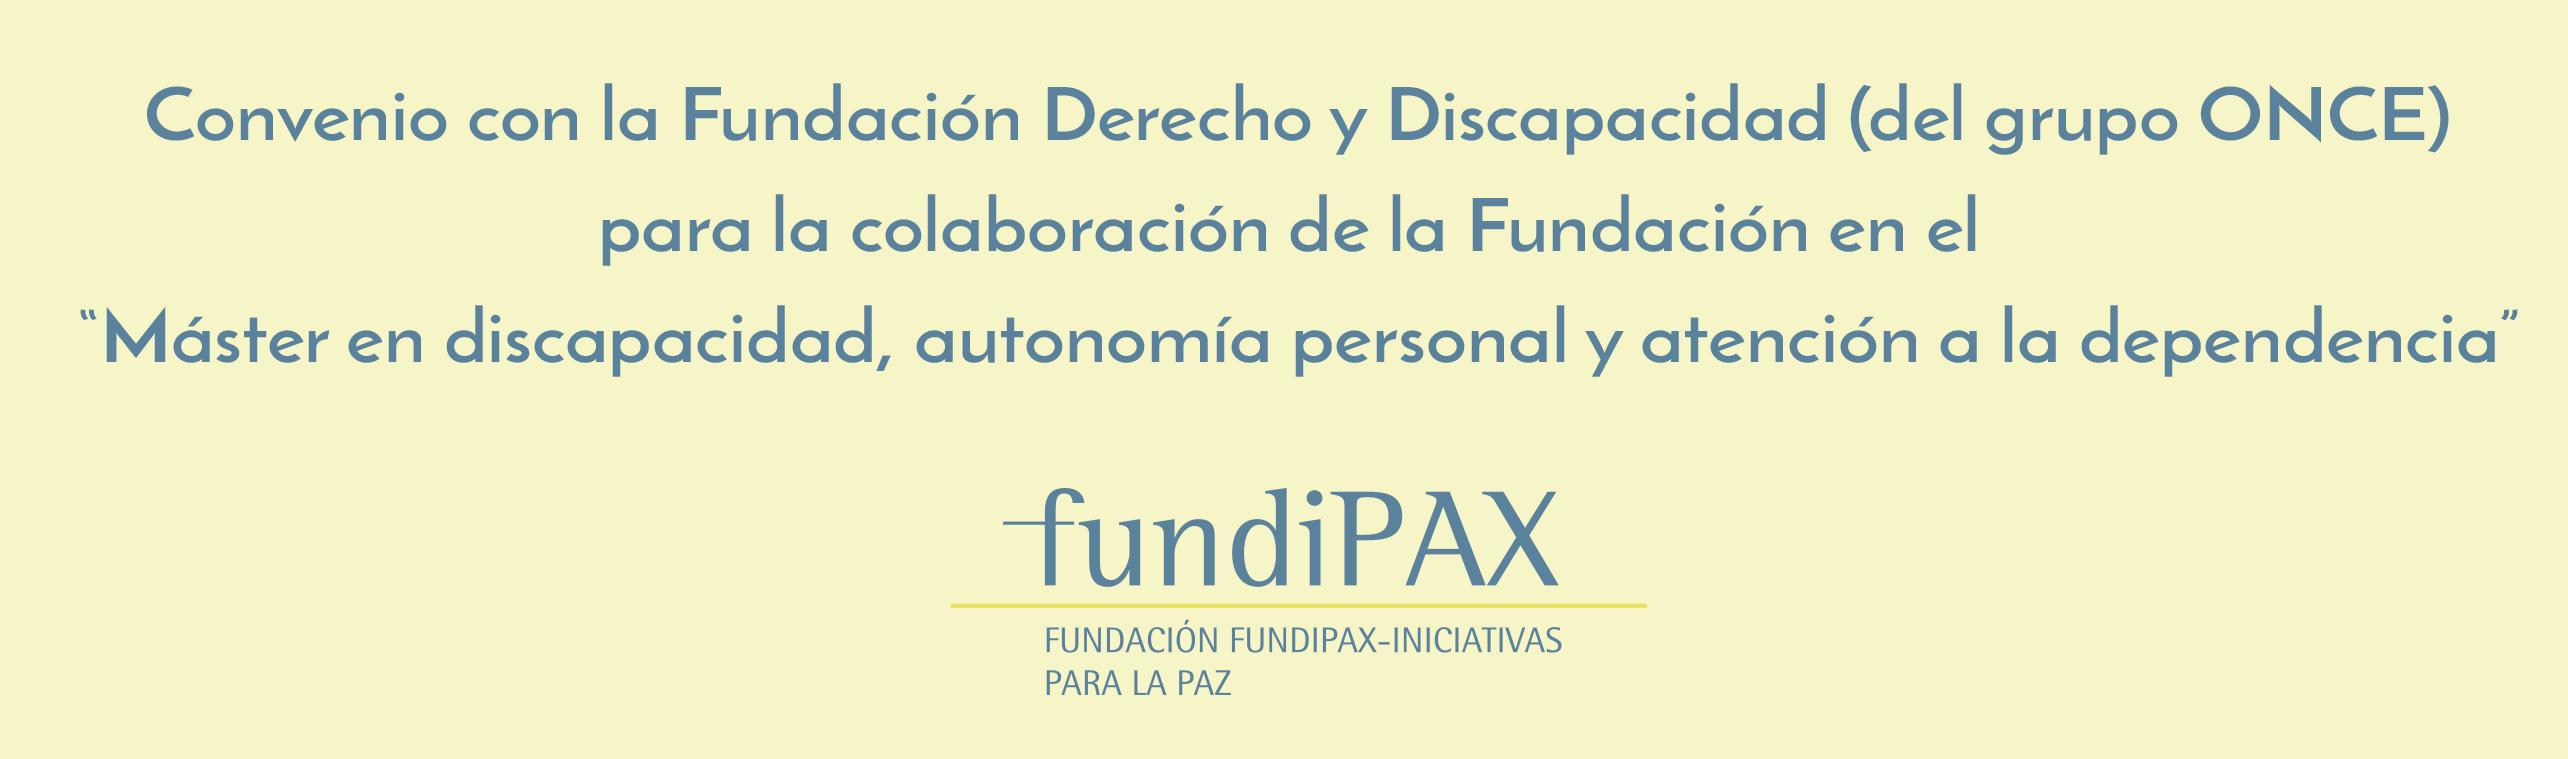 Convenio con la Fundación Derecho y Discapacidad (del grupo ONCE)